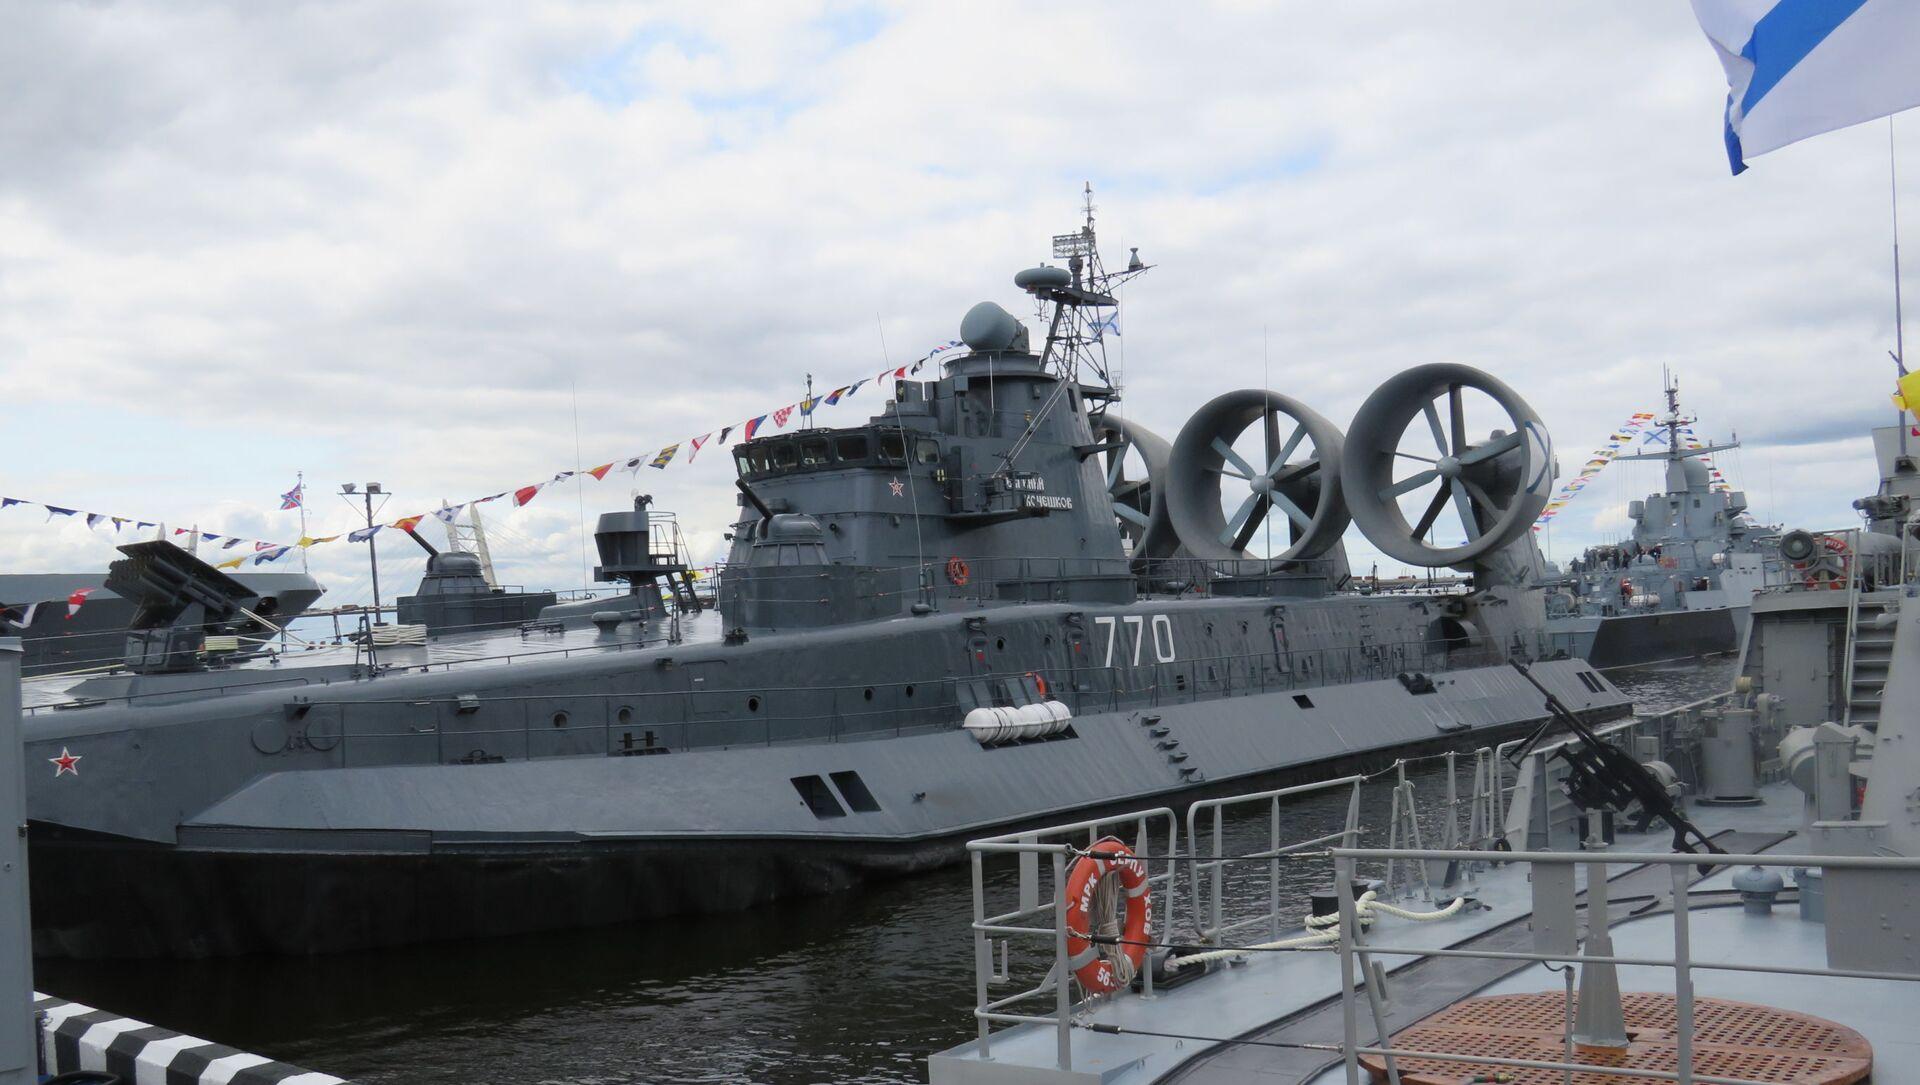 Tàu đổ bộ cỡ nhỏ trên đệm khí Evgeny Kocheshkov (đề án 12322) của Hải quân Nga - Sputnik Việt Nam, 1920, 29.09.2021